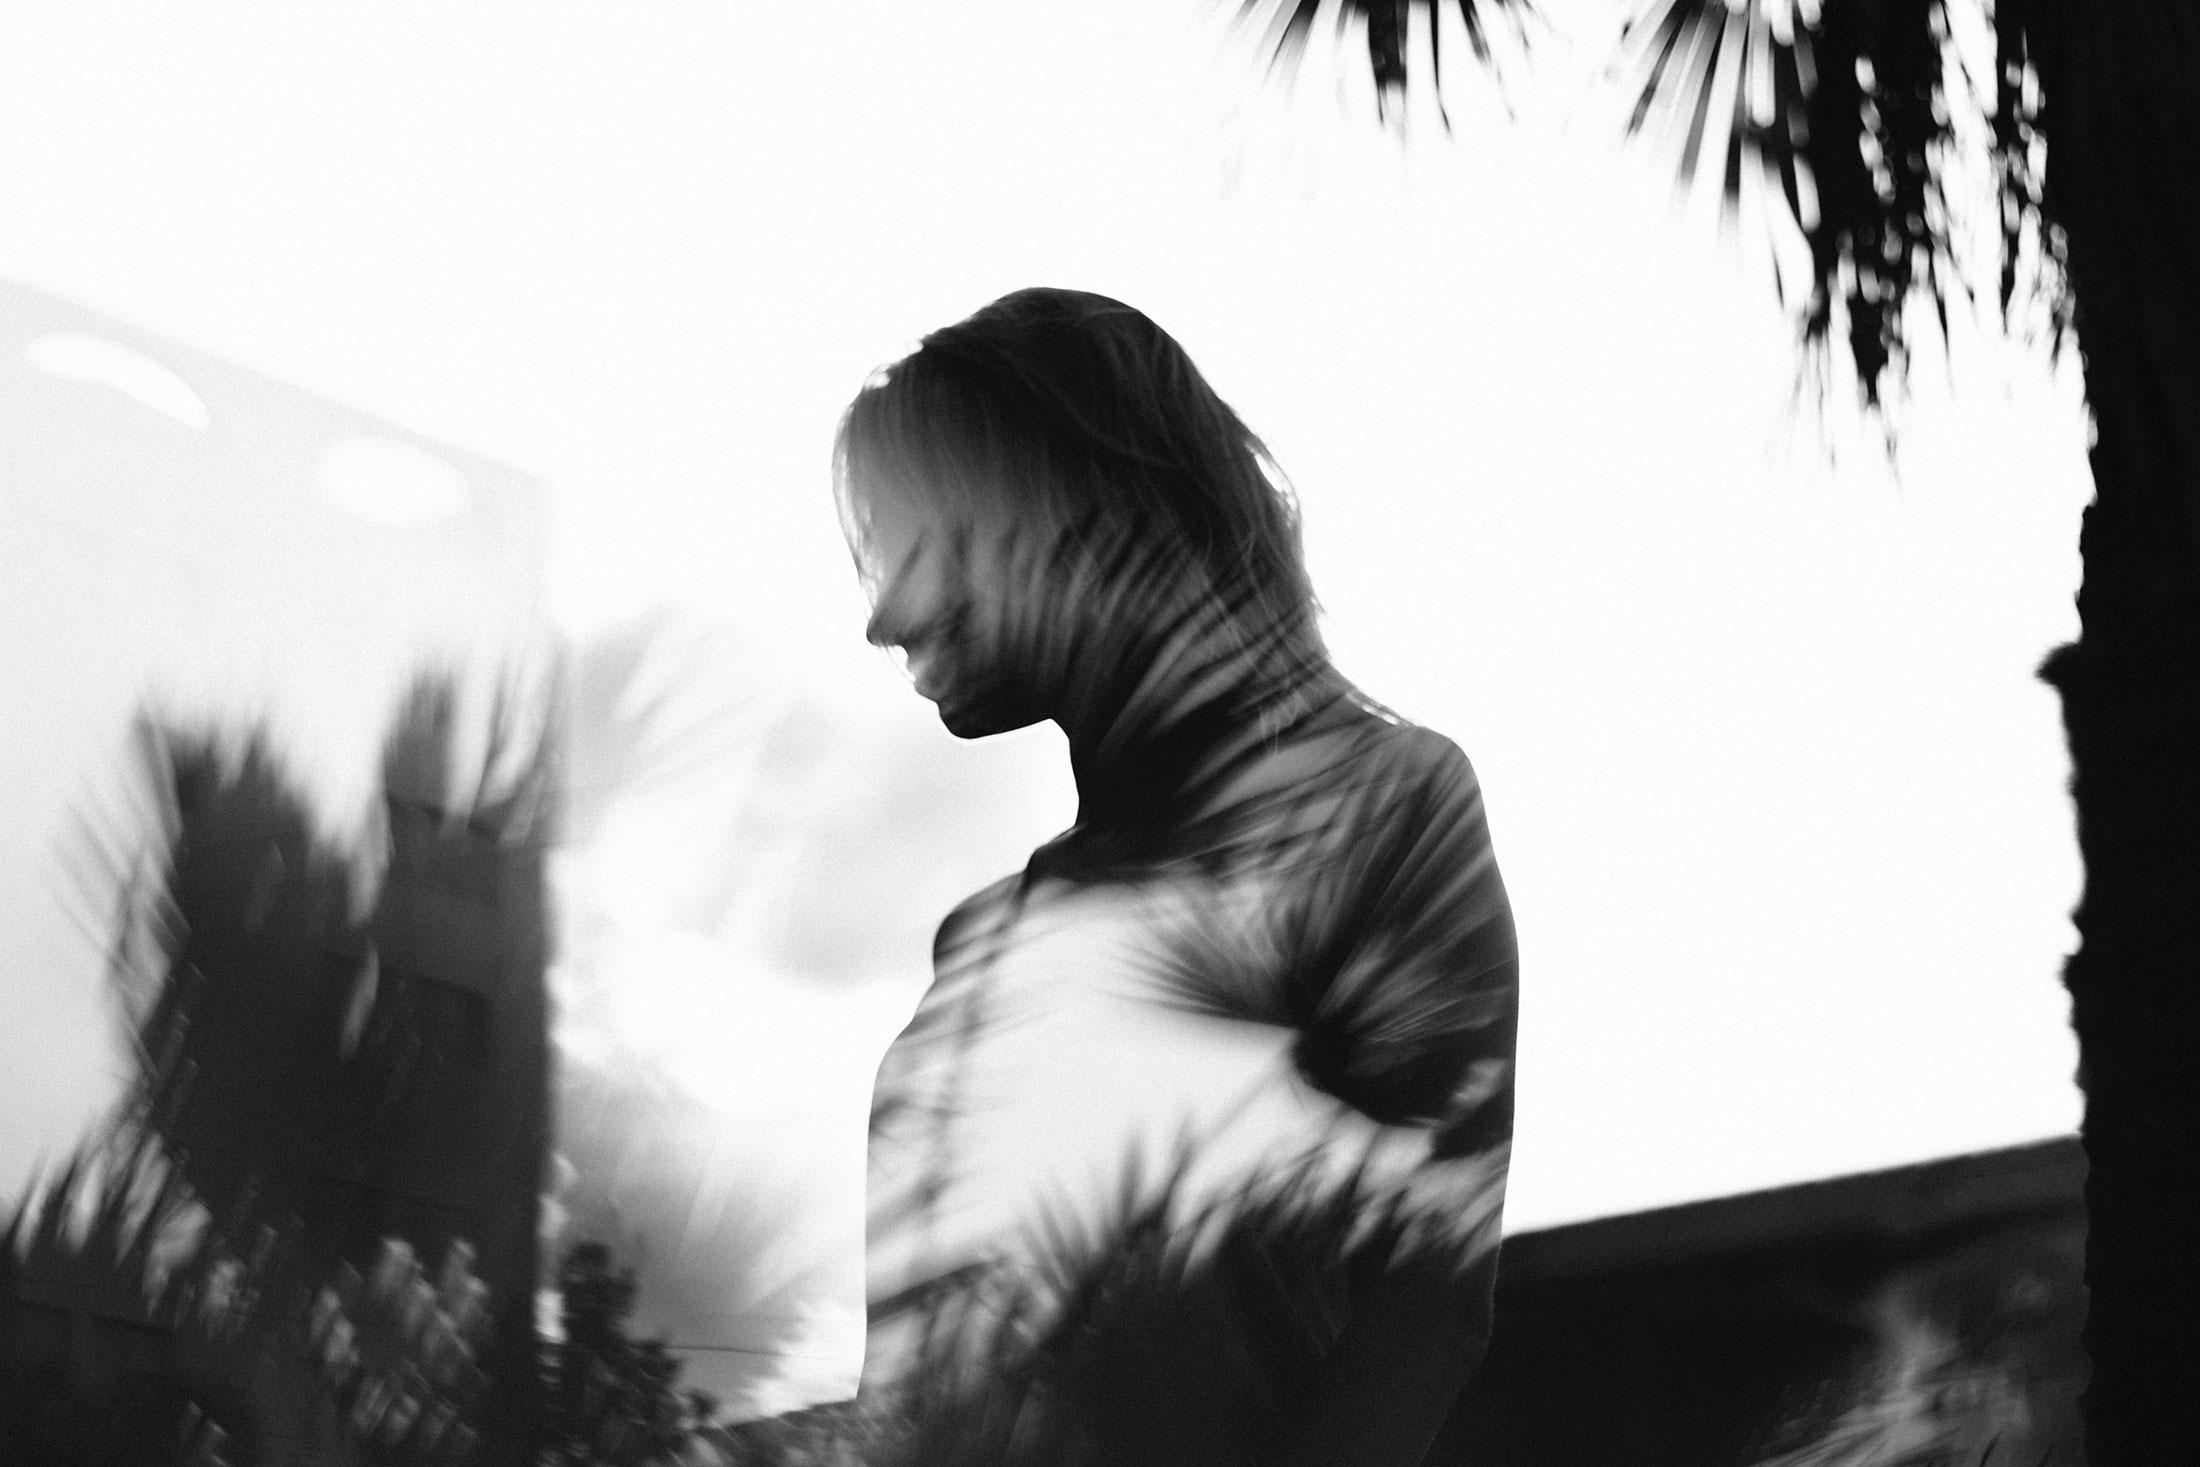 Foto branco e preto com o perfil de uma pessoa